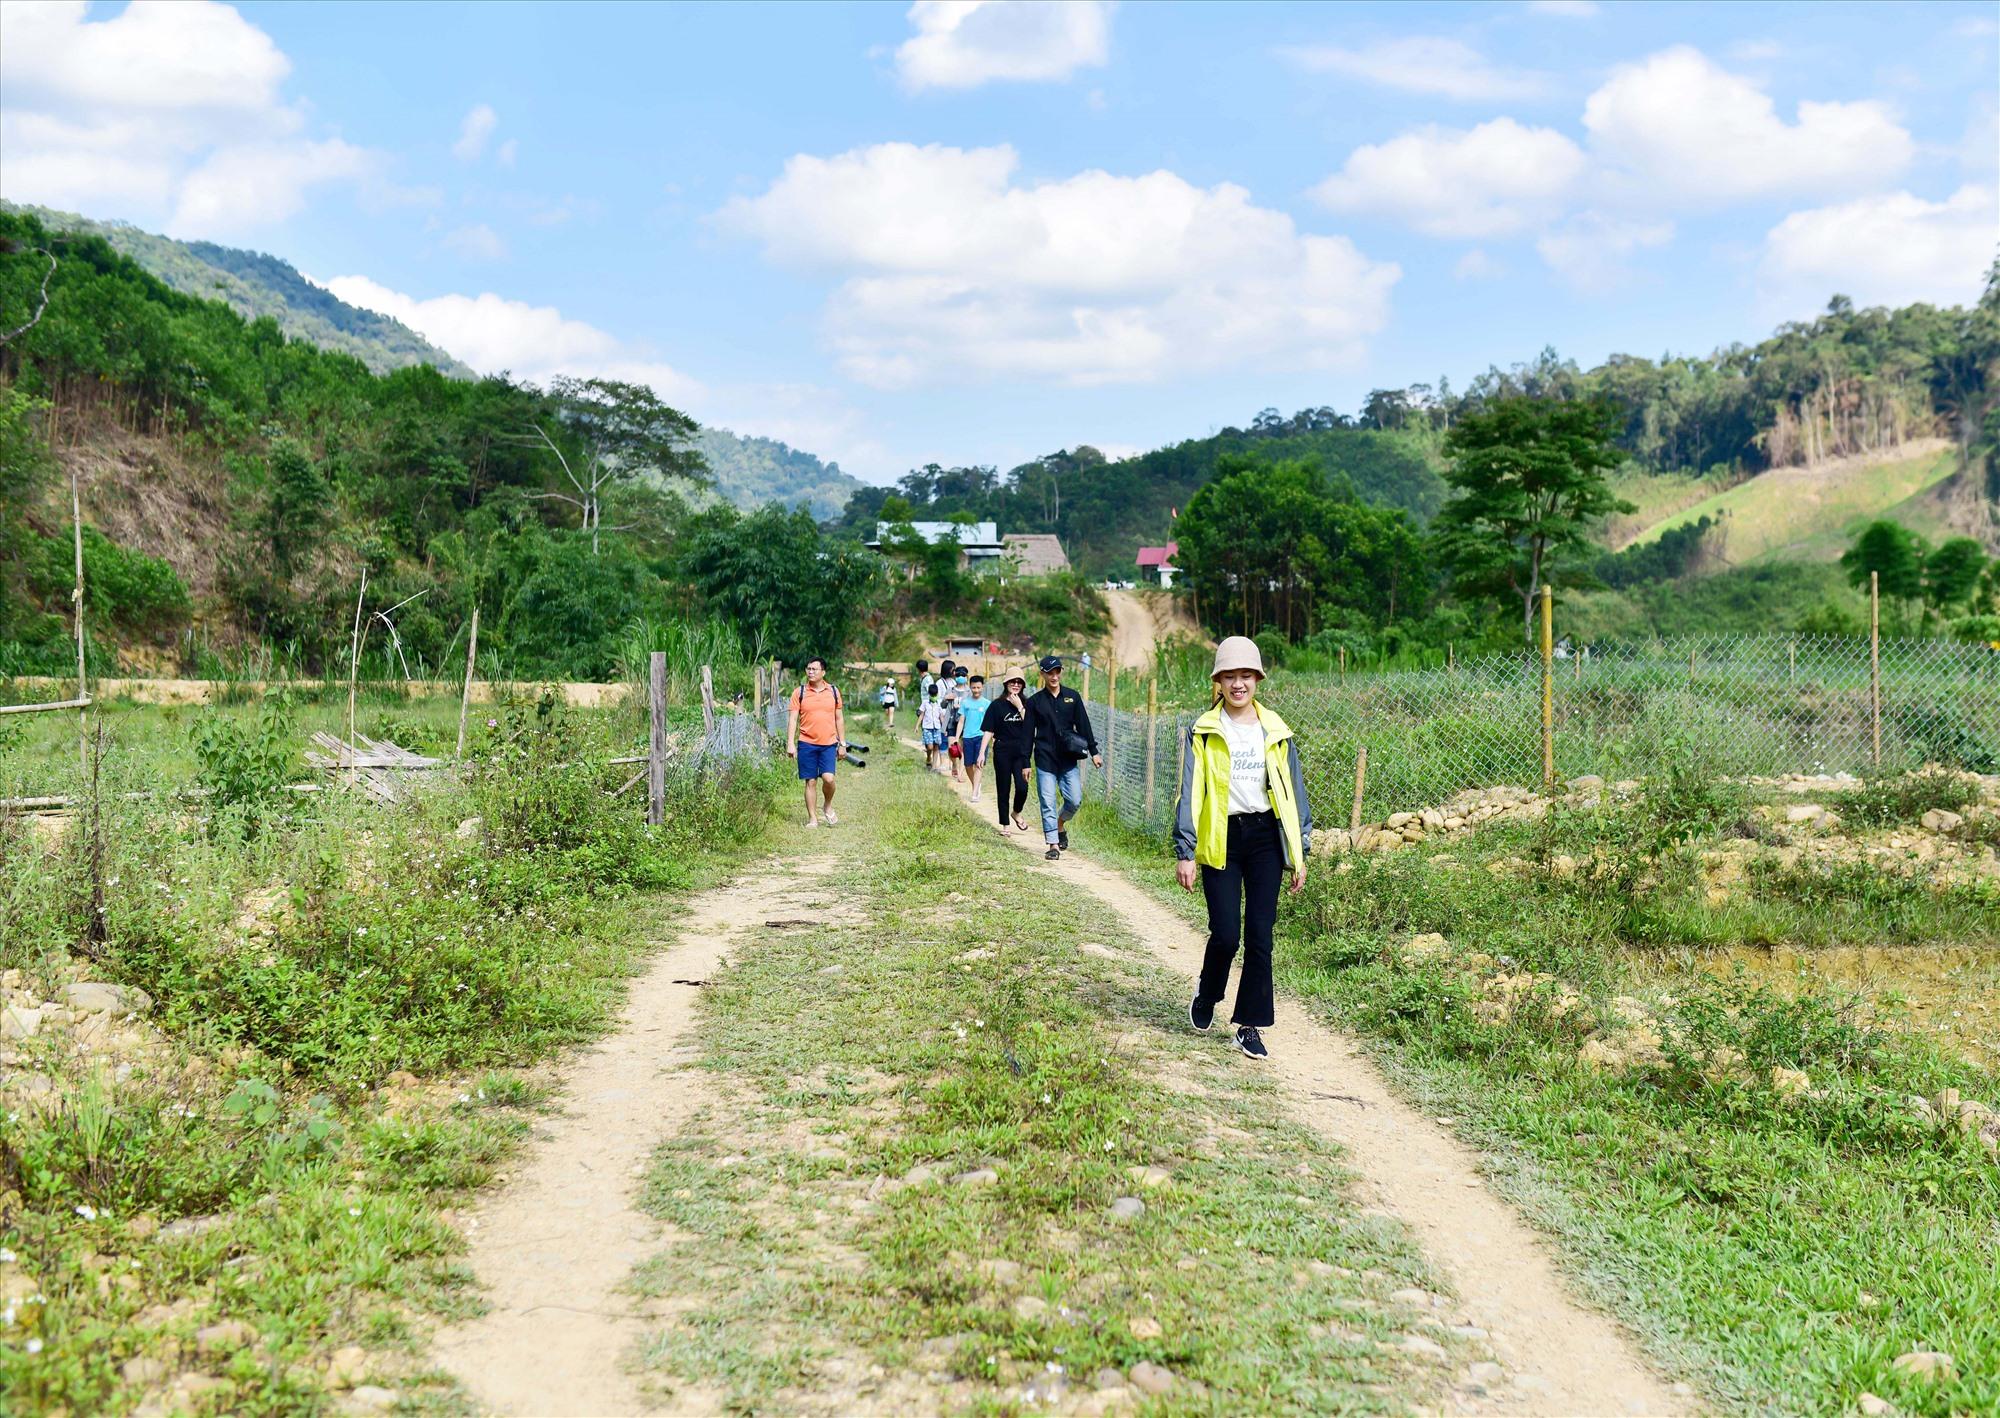 Hầu hết điểm du lịch cộng đồng ở vùng cao Quảng Nam đã hình thành được hợp tác xã, tổ hợp tác để chia sẻ hài hòa lợi ích, tạo sự đồng bộ trong việc phát triển du lịch. Ảnh: Q.T